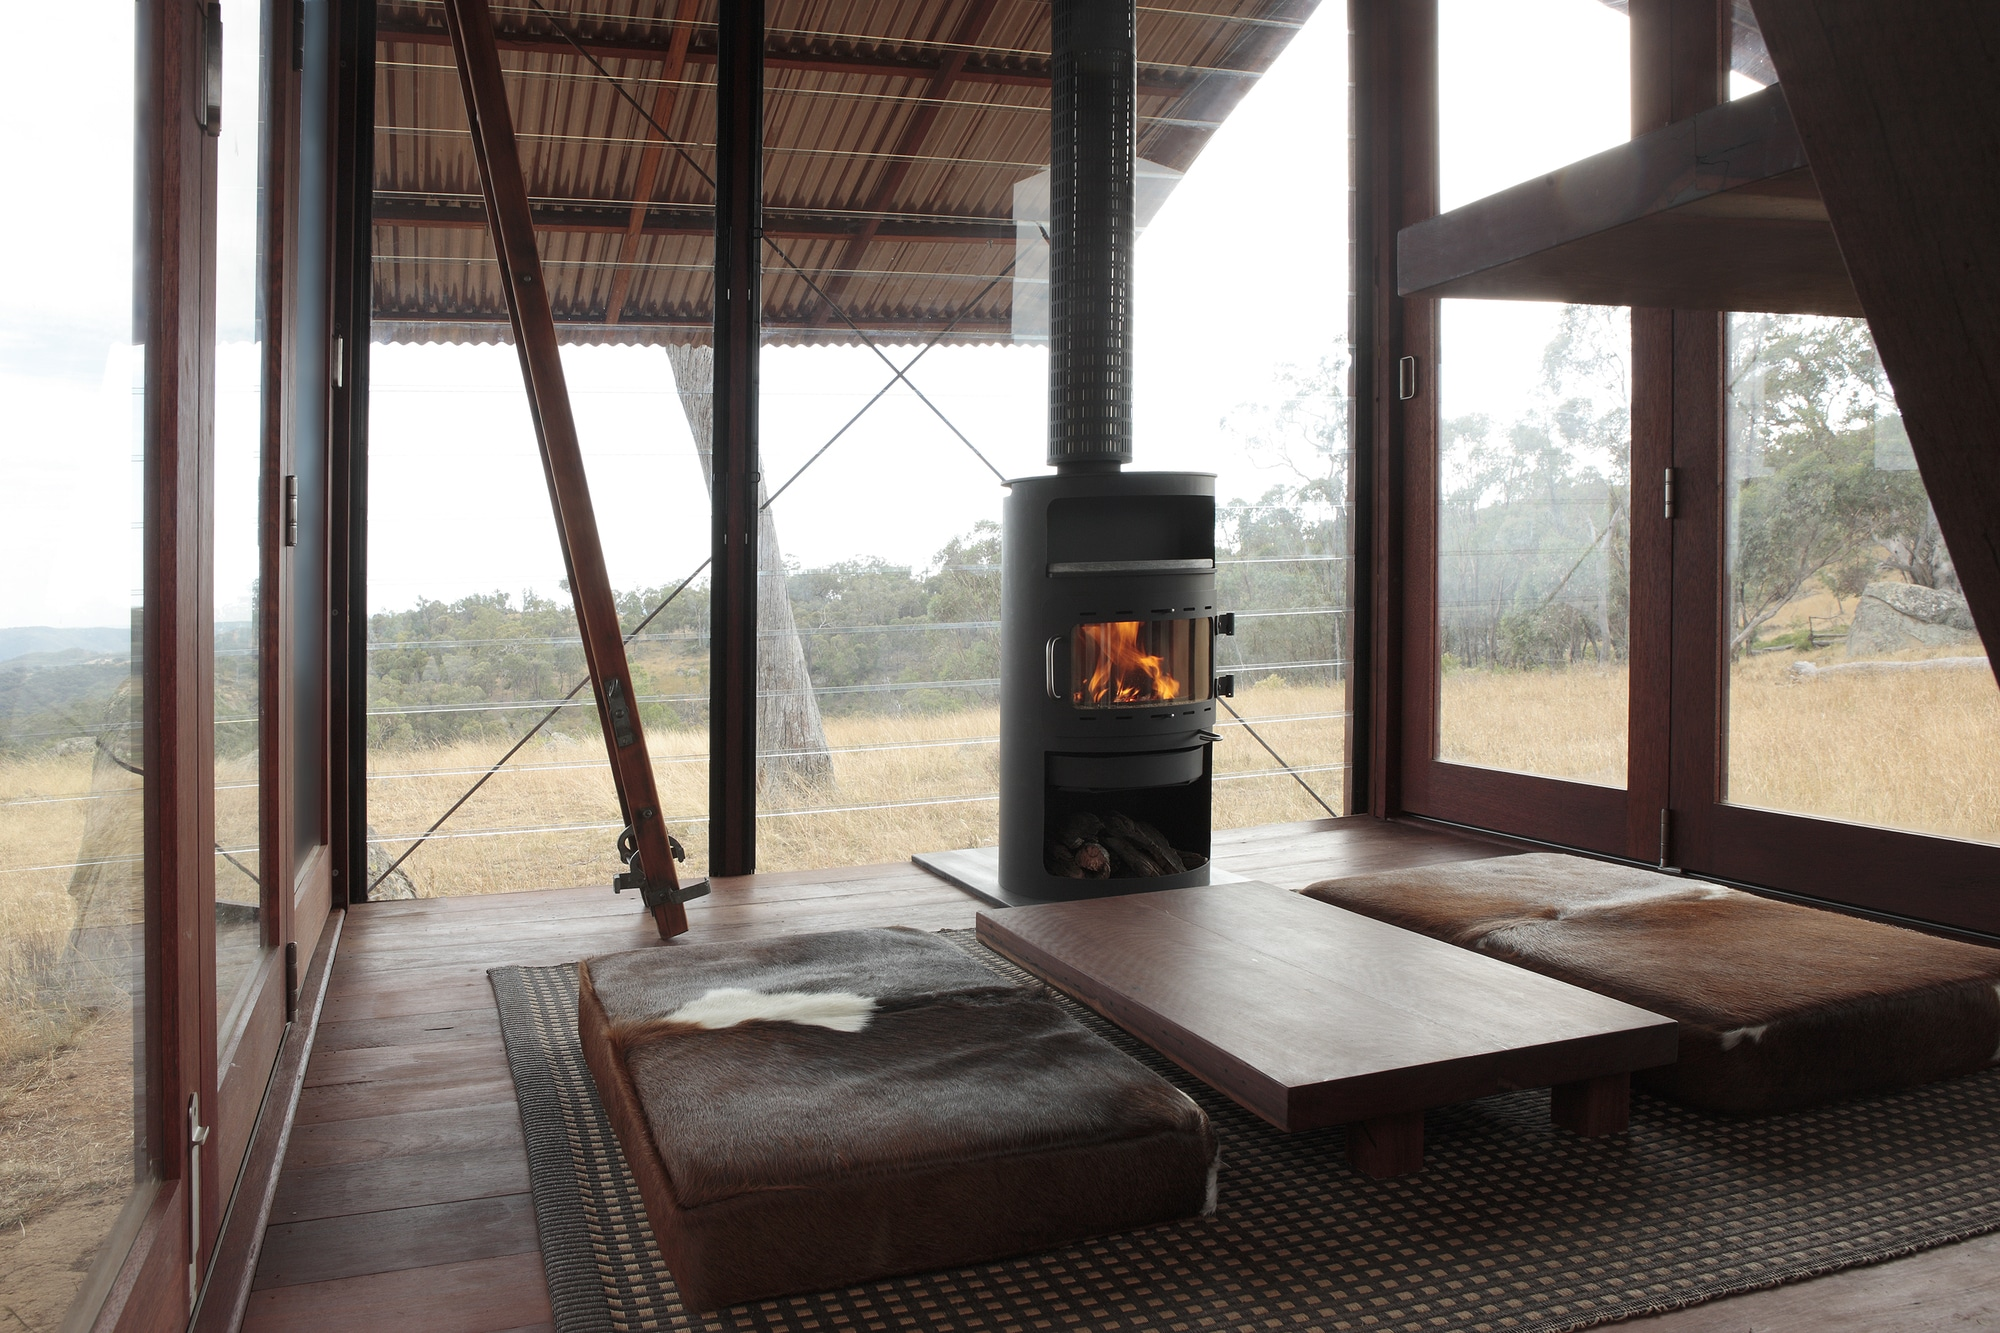 Dise o de casa peque a de campo interiores y planos for Diseno de interiores modernos para casas pequenas